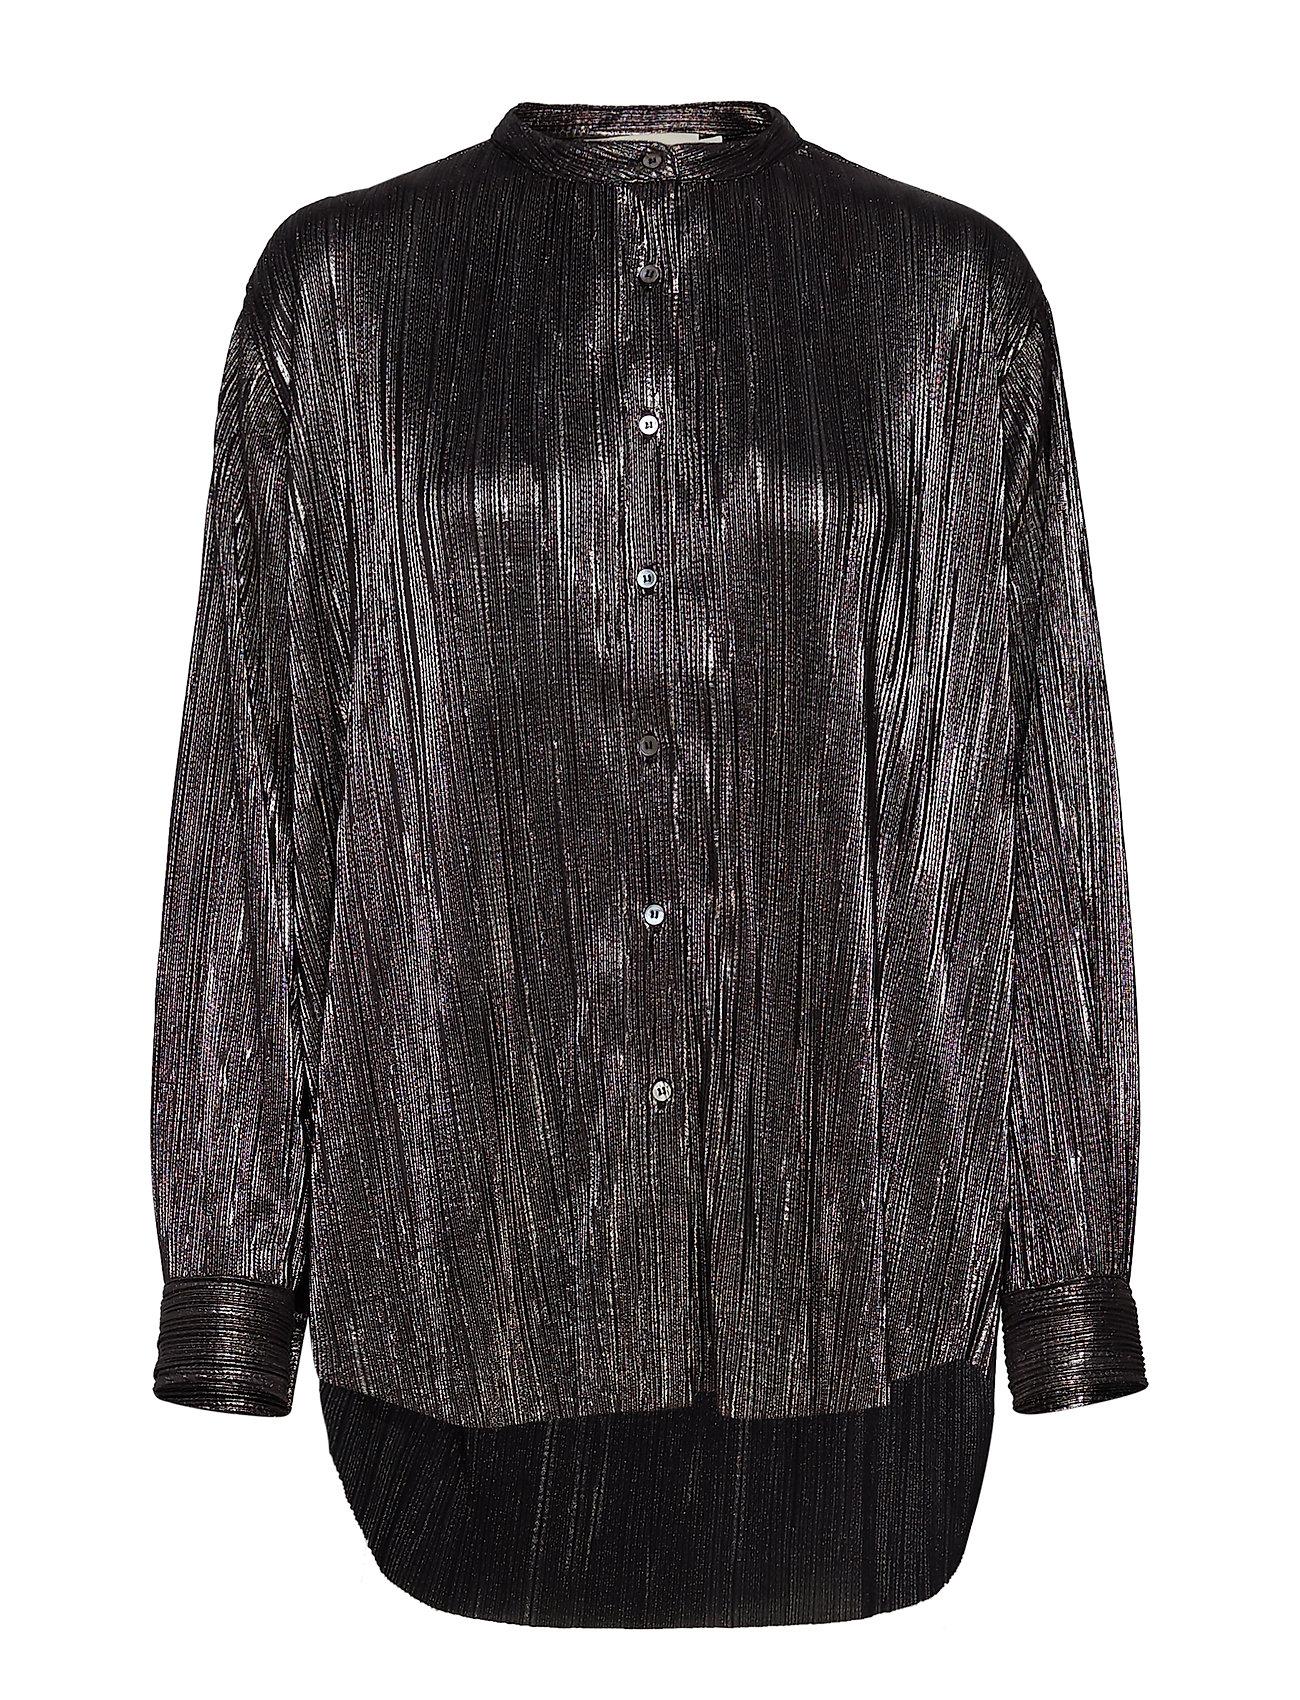 Rabens Saloner Allure shirt Ögrönlar